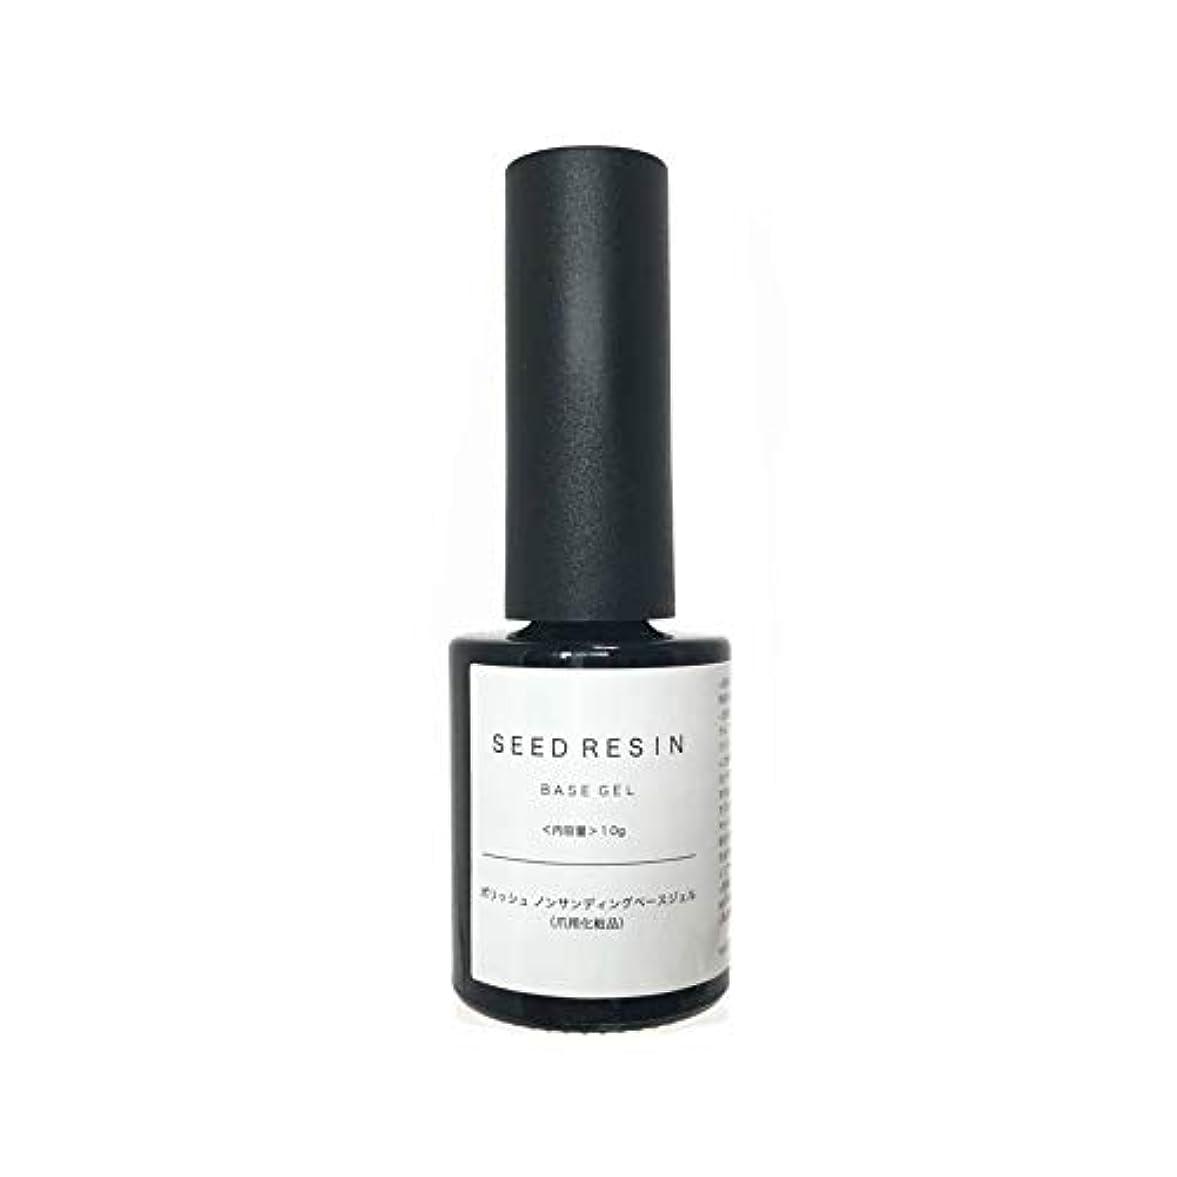 ケントアプトキャプテンブライSEED RESIN(シードレジン) ジェルネイル ポリッシュ ノンサンディング ベースジェル 10g 爪用化粧品 日本製